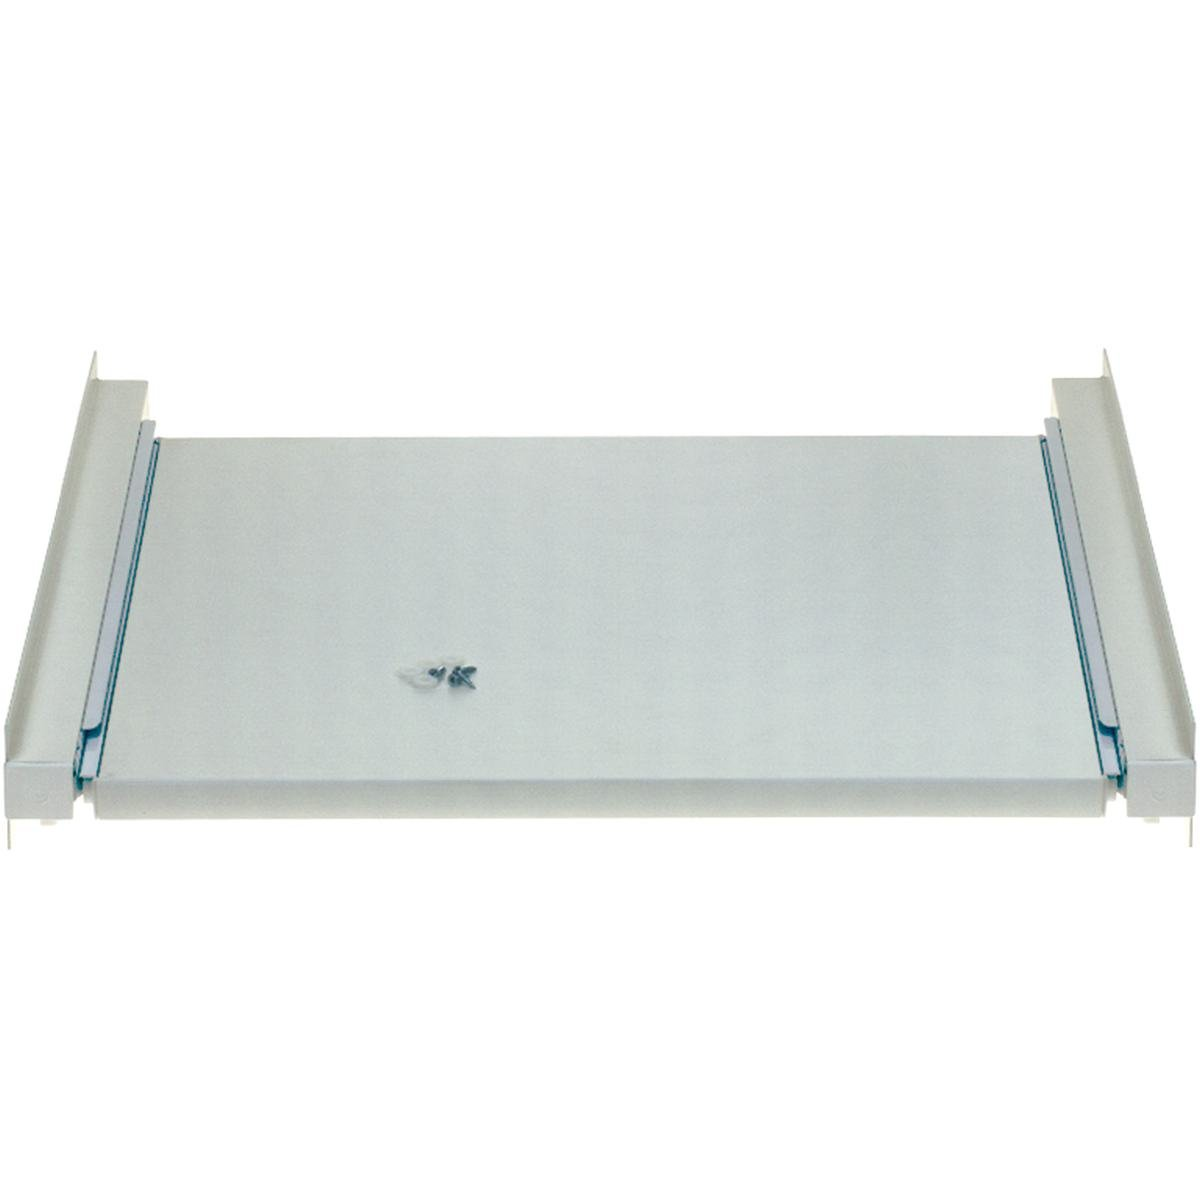 Uttrekkshylle til vaske- / tørkesøyle 600 x 576 mm